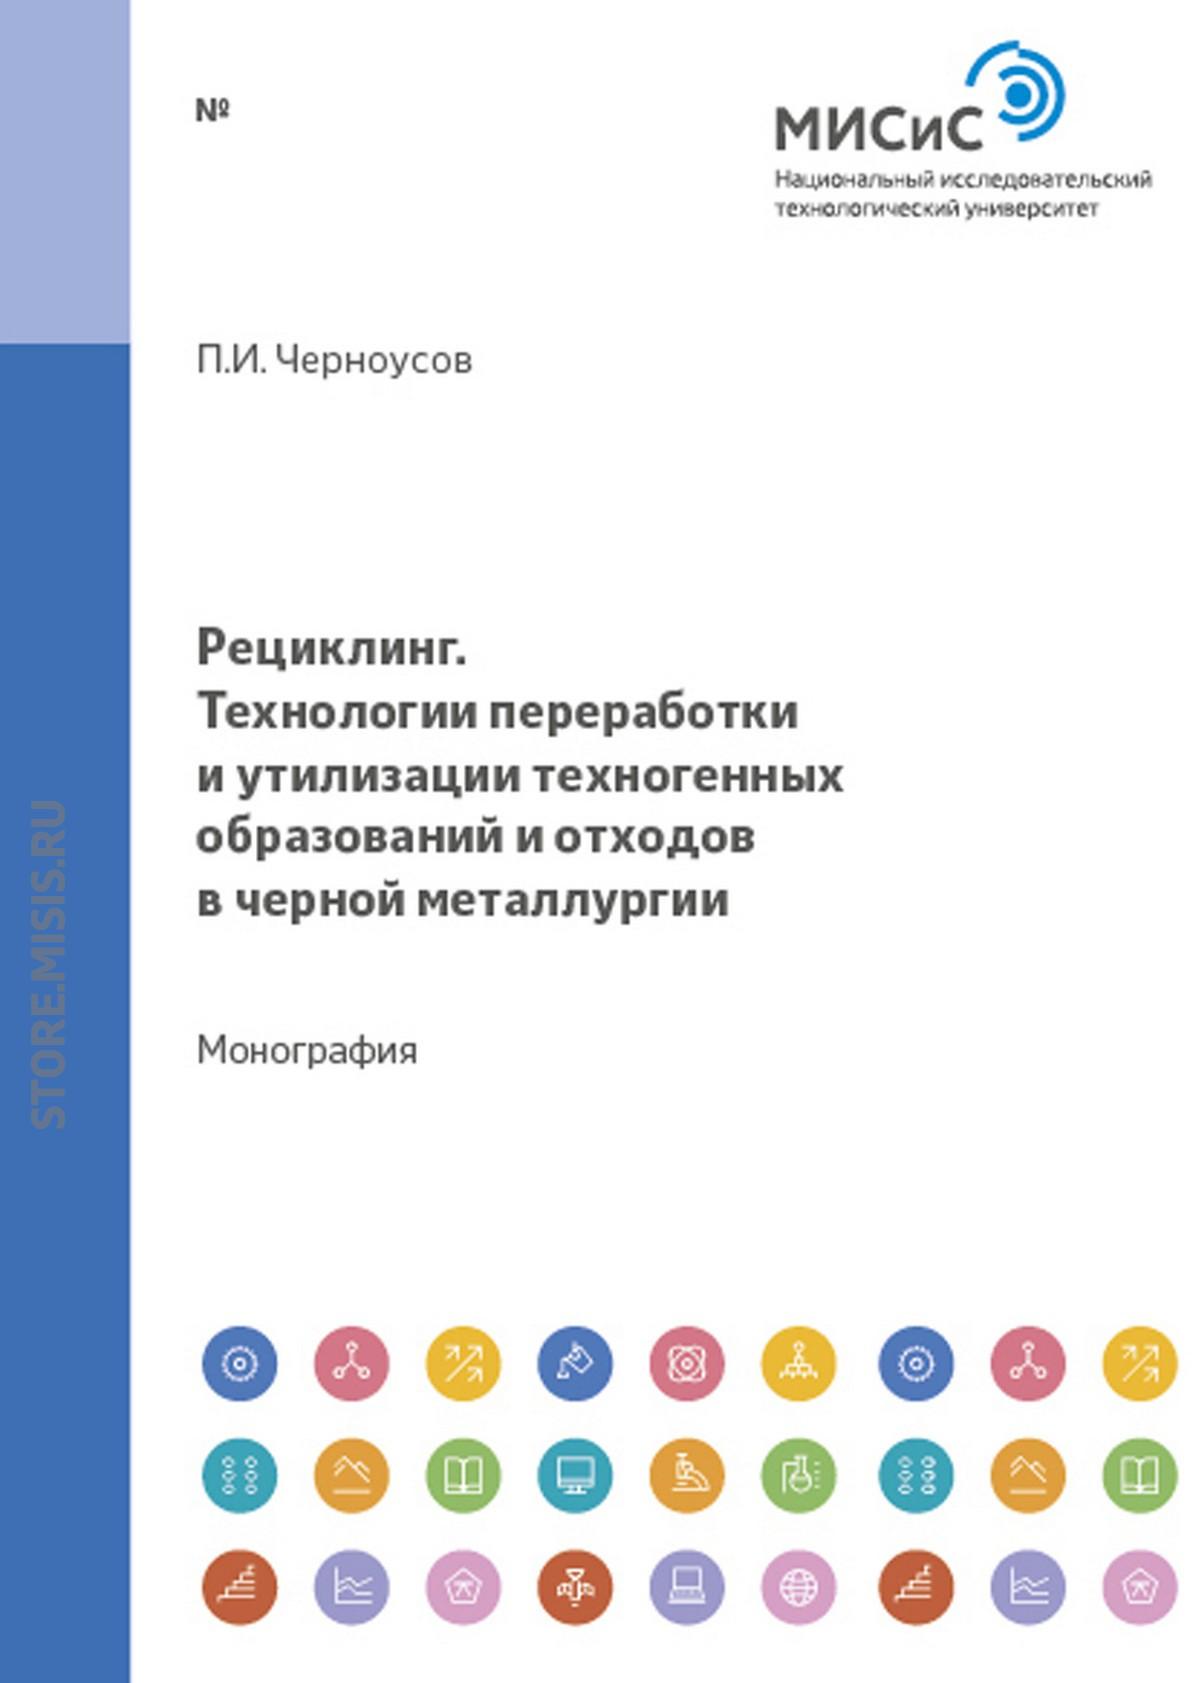 Павел Черноусов Рециклинг. Технологии переработки и утилизации техногенных образований и отходов в черной металлургии